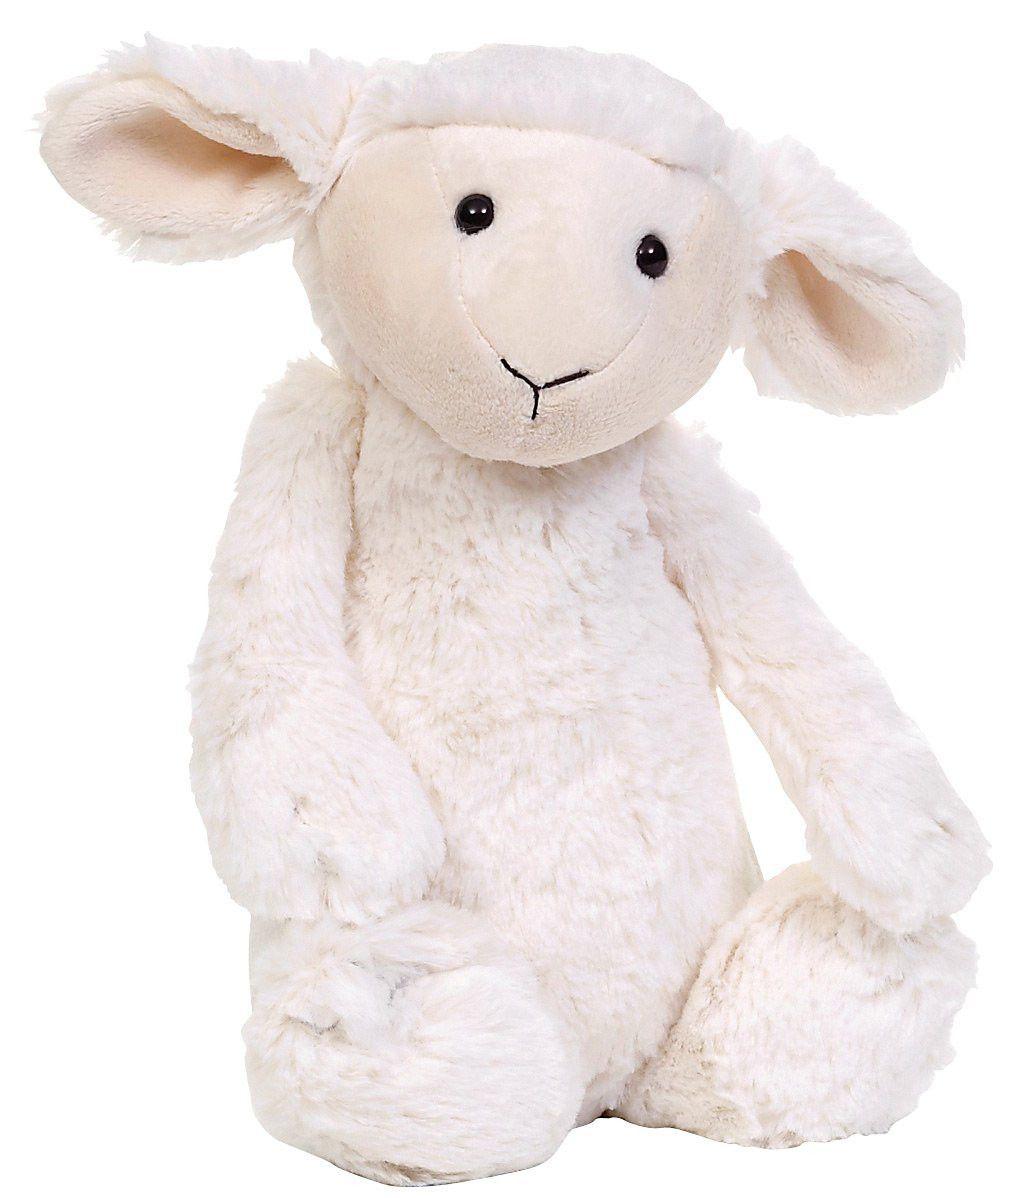 """Jellycat Bashful Lamb Medium 12"""""""""""